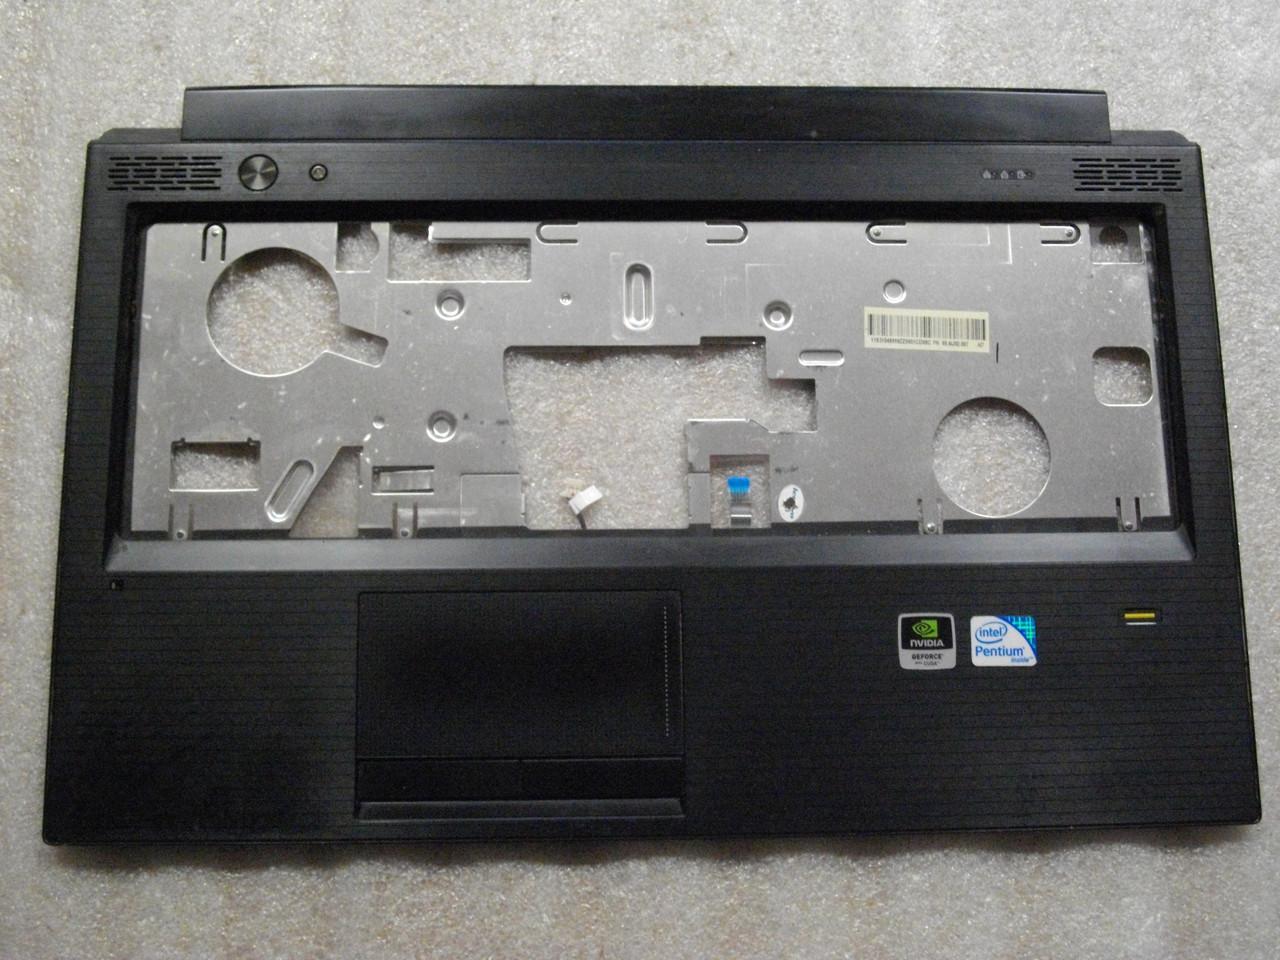 Оригінальний Корпус Верхня частина корпусу з тачпадом Топкейс Середня частина корпуса Lenovo B570 B575 V570 V575